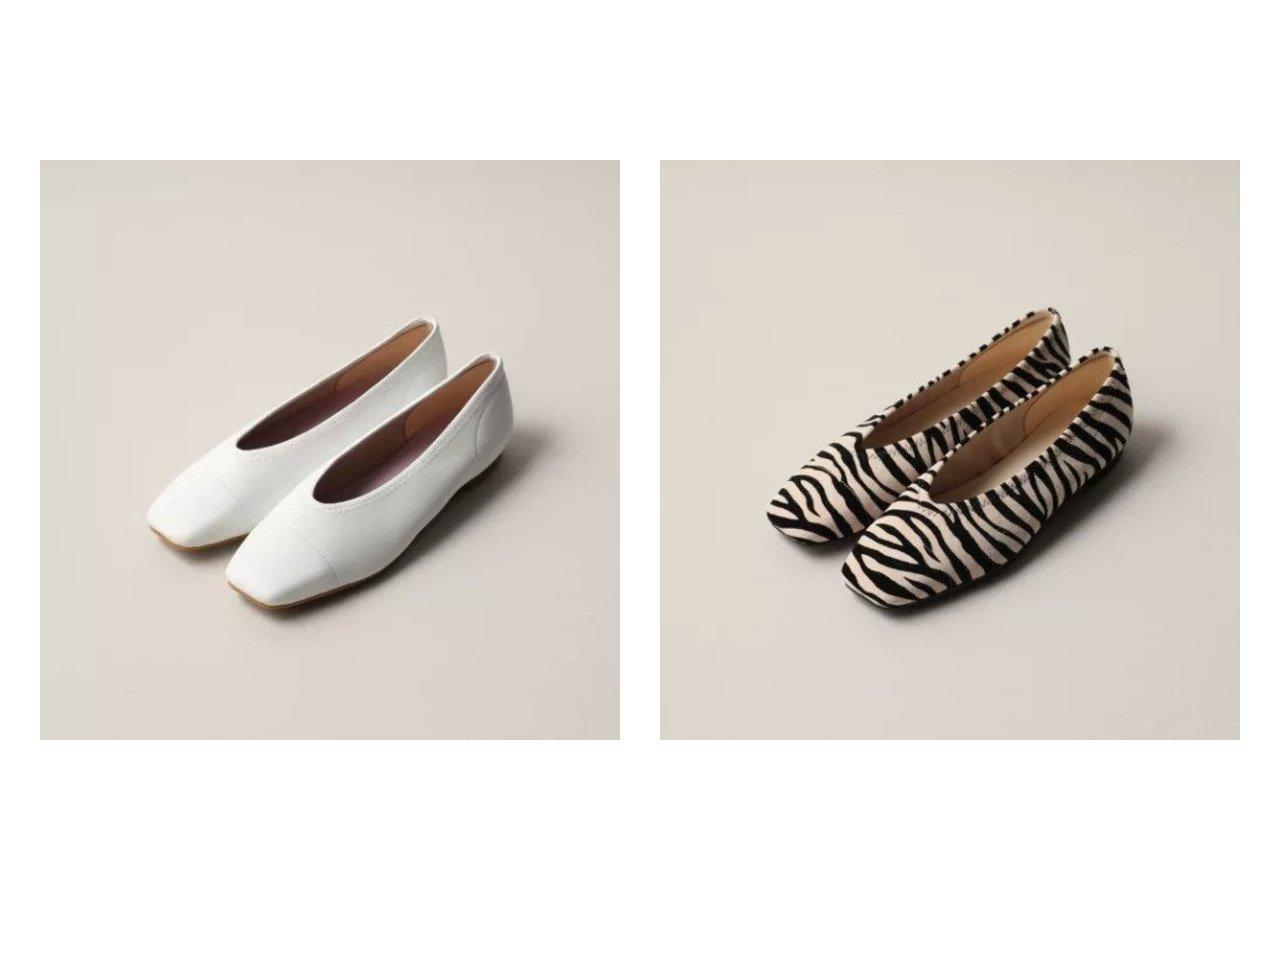 【Odette e Odile/オデット エ オディール】のOFC スクエアストレッチ FLT10↓↑ 【シューズ・靴】おすすめ!人気トレンド・レディースファッション通販 おすすめで人気の流行・トレンド、ファッションの通販商品 インテリア・家具・メンズファッション・キッズファッション・レディースファッション・服の通販 founy(ファニー) https://founy.com/ ファッション Fashion レディースファッション WOMEN シューズ スクエア ストレッチ フラット リラックス |ID:crp329100000046503